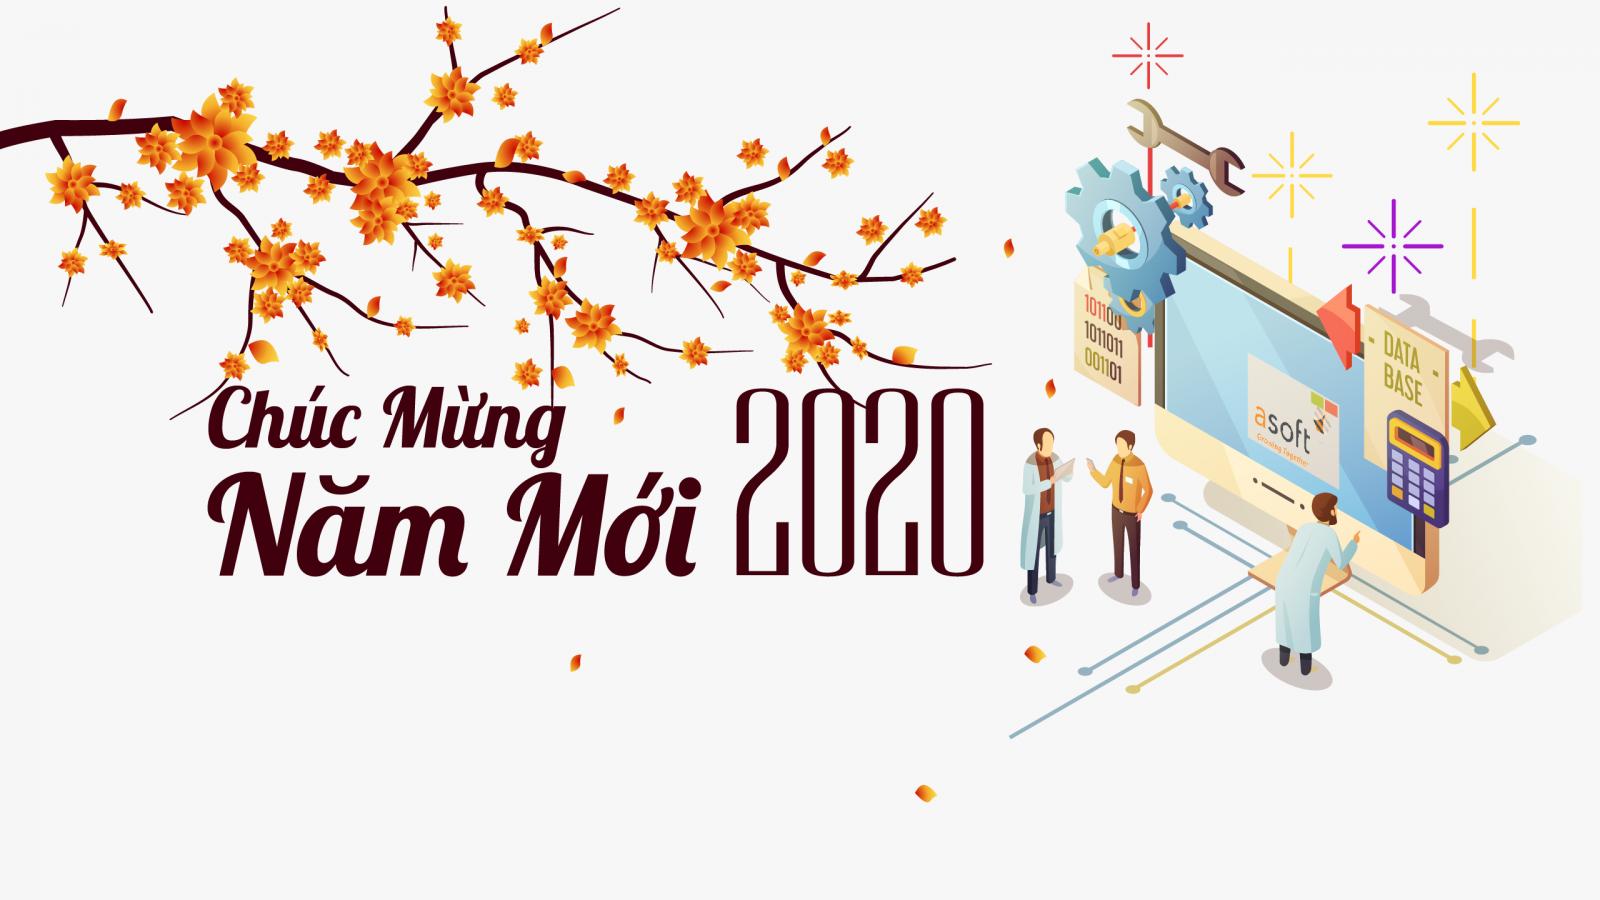 Thông báo lịch nghỉ Tết Canh Tý 2020.